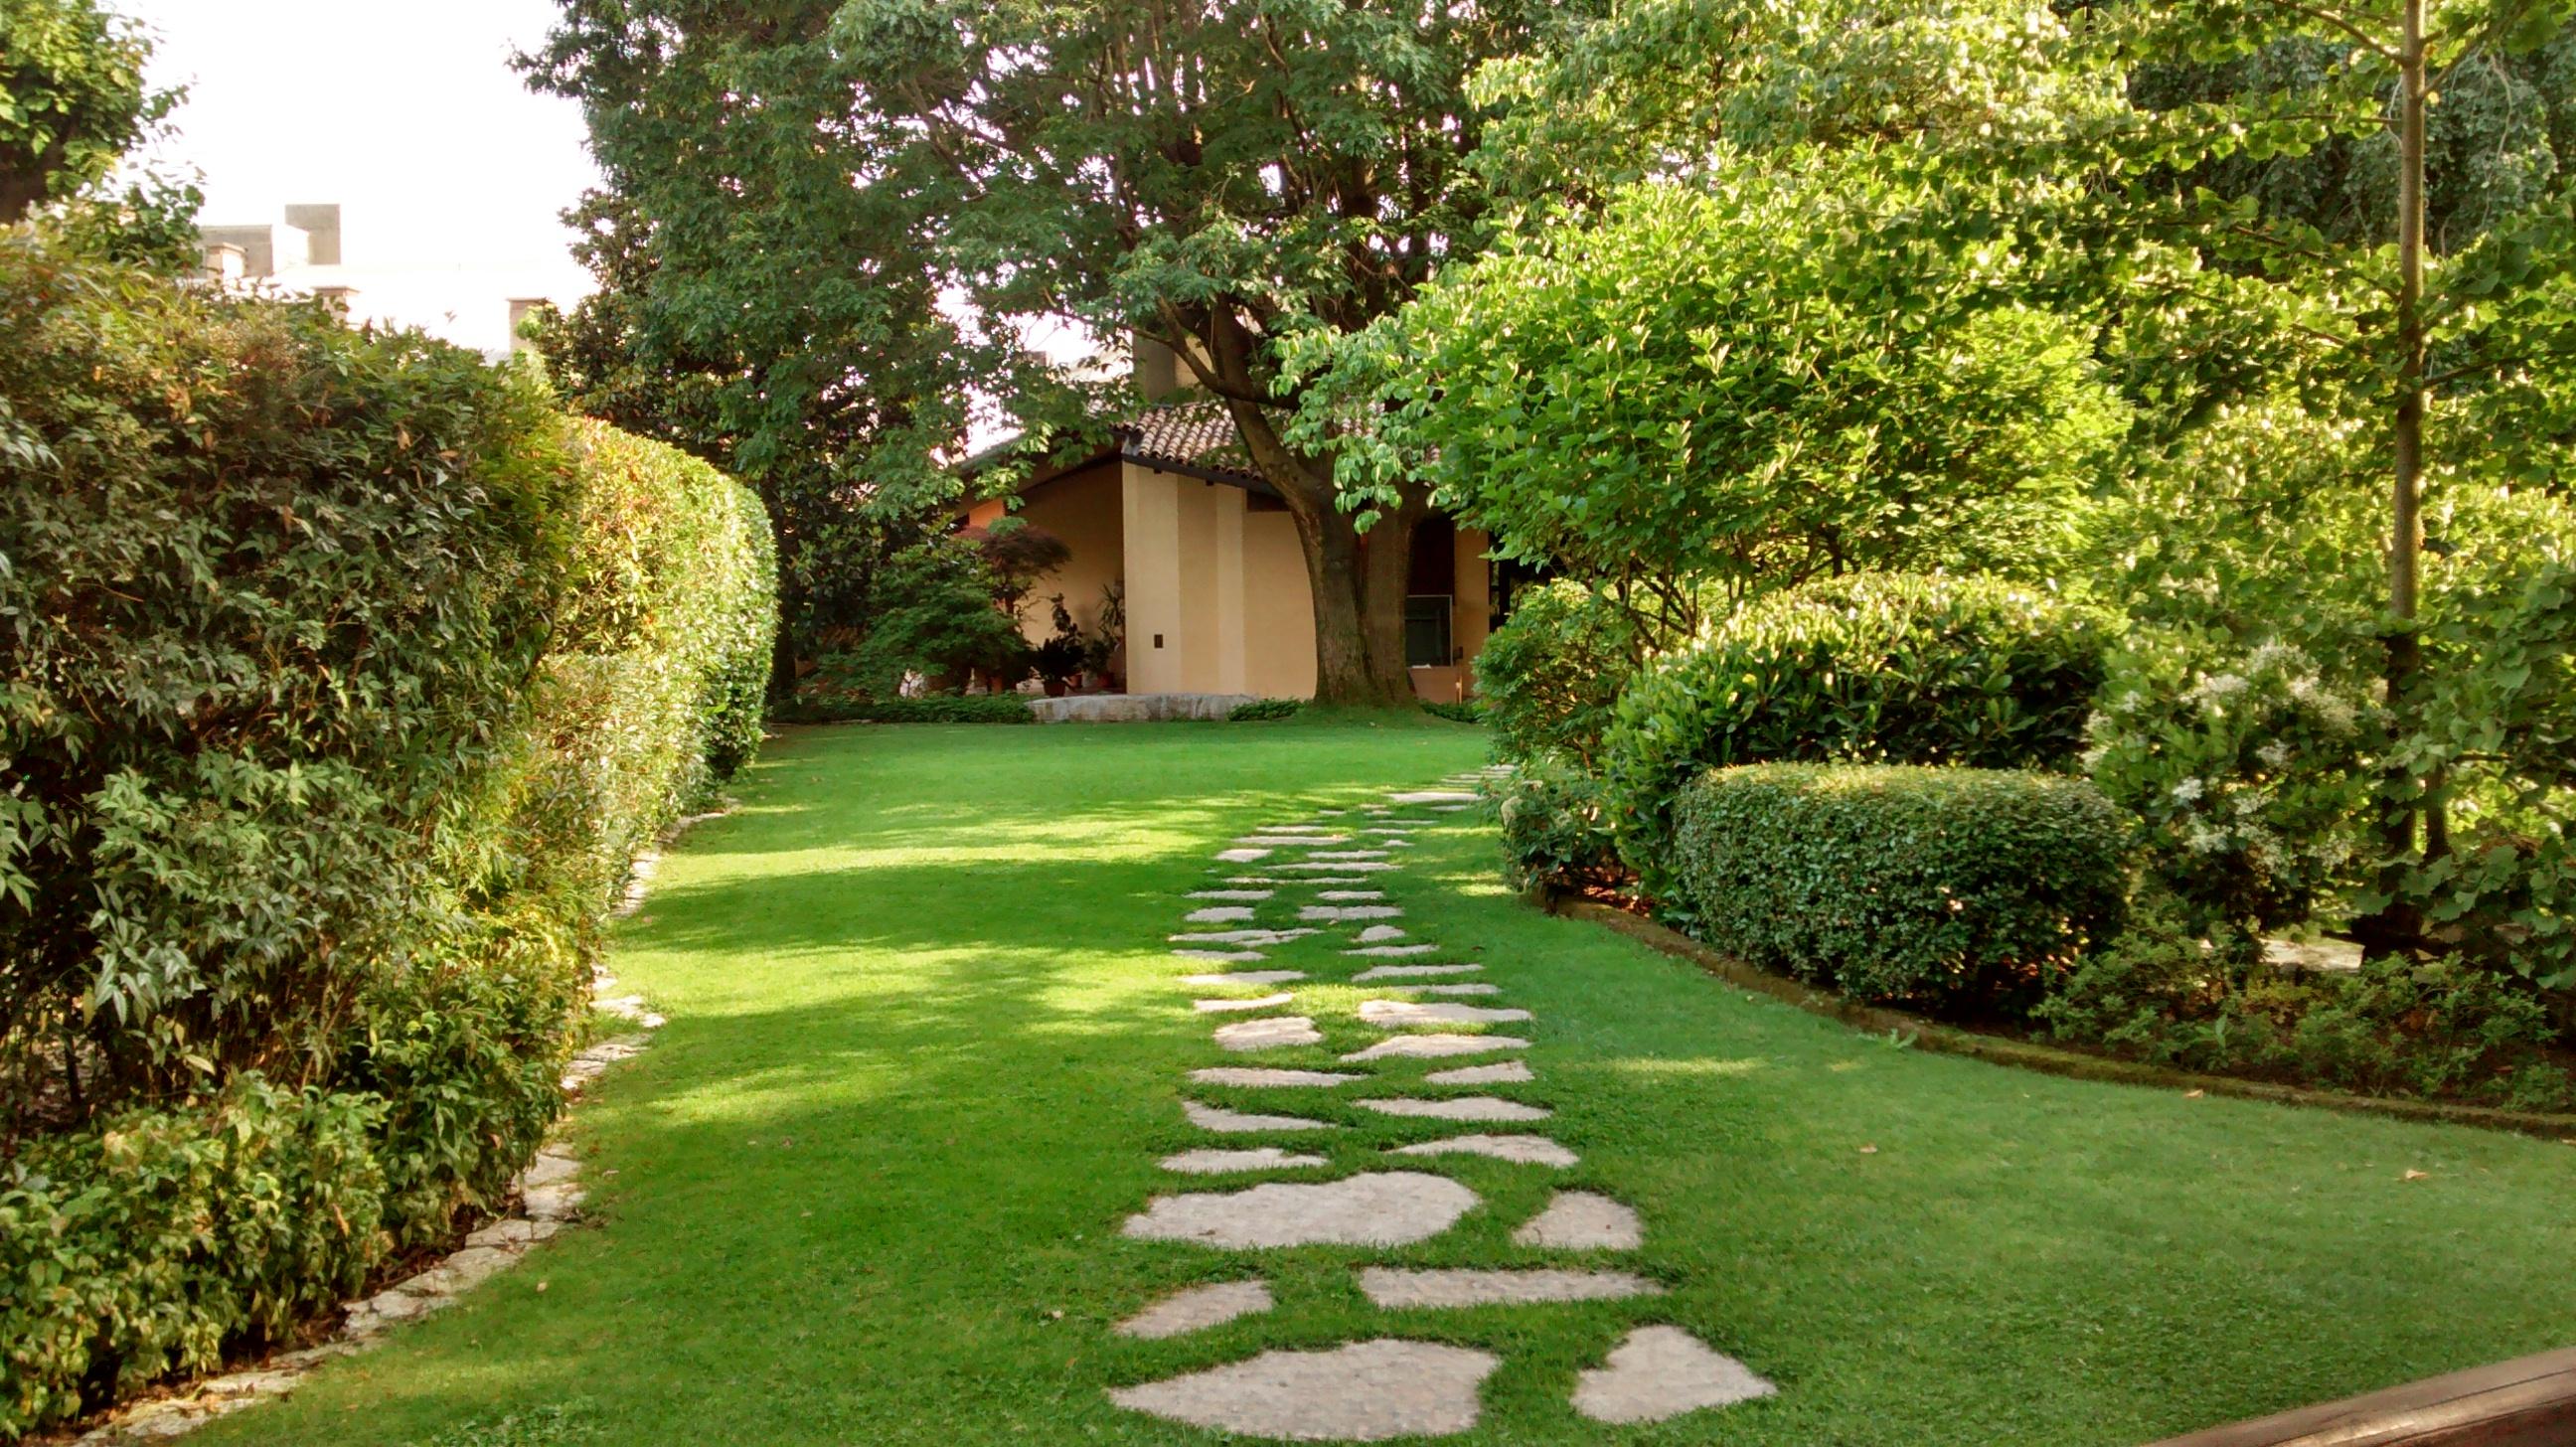 Manutenzione giardini paccagnella christian giardini for Manutenzione giardini